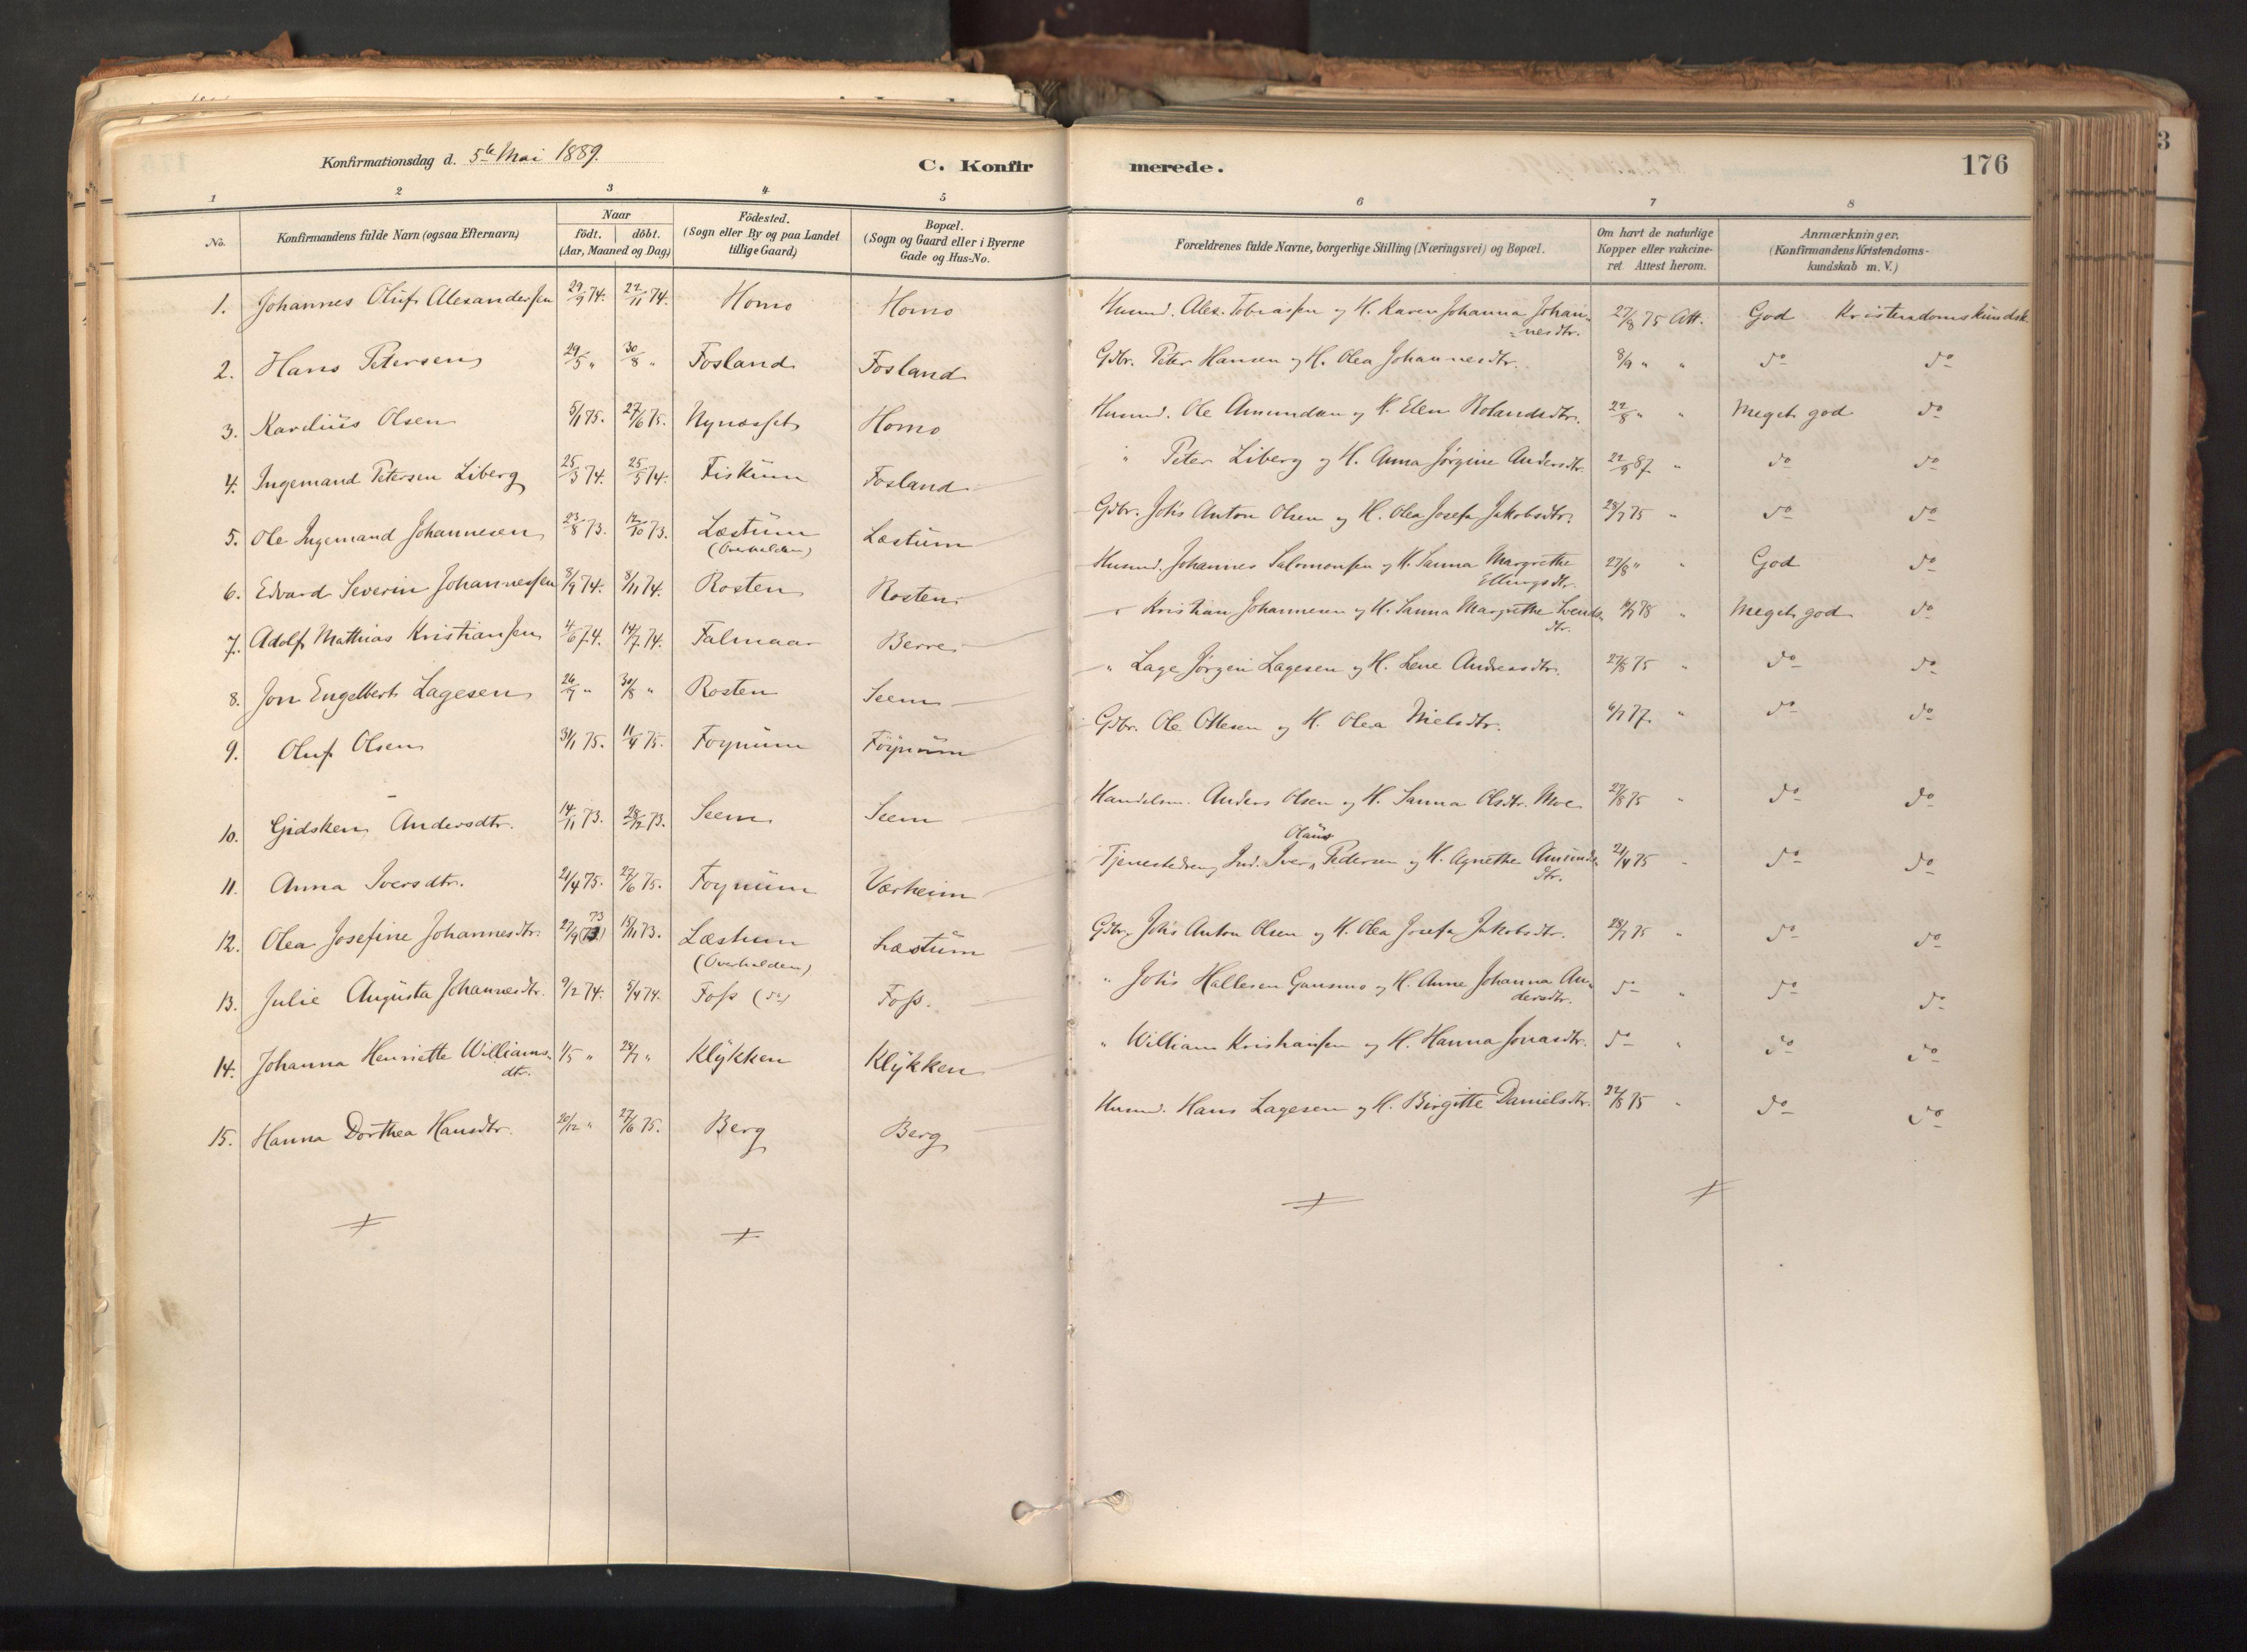 SAT, Ministerialprotokoller, klokkerbøker og fødselsregistre - Nord-Trøndelag, 758/L0519: Ministerialbok nr. 758A04, 1880-1926, s. 176